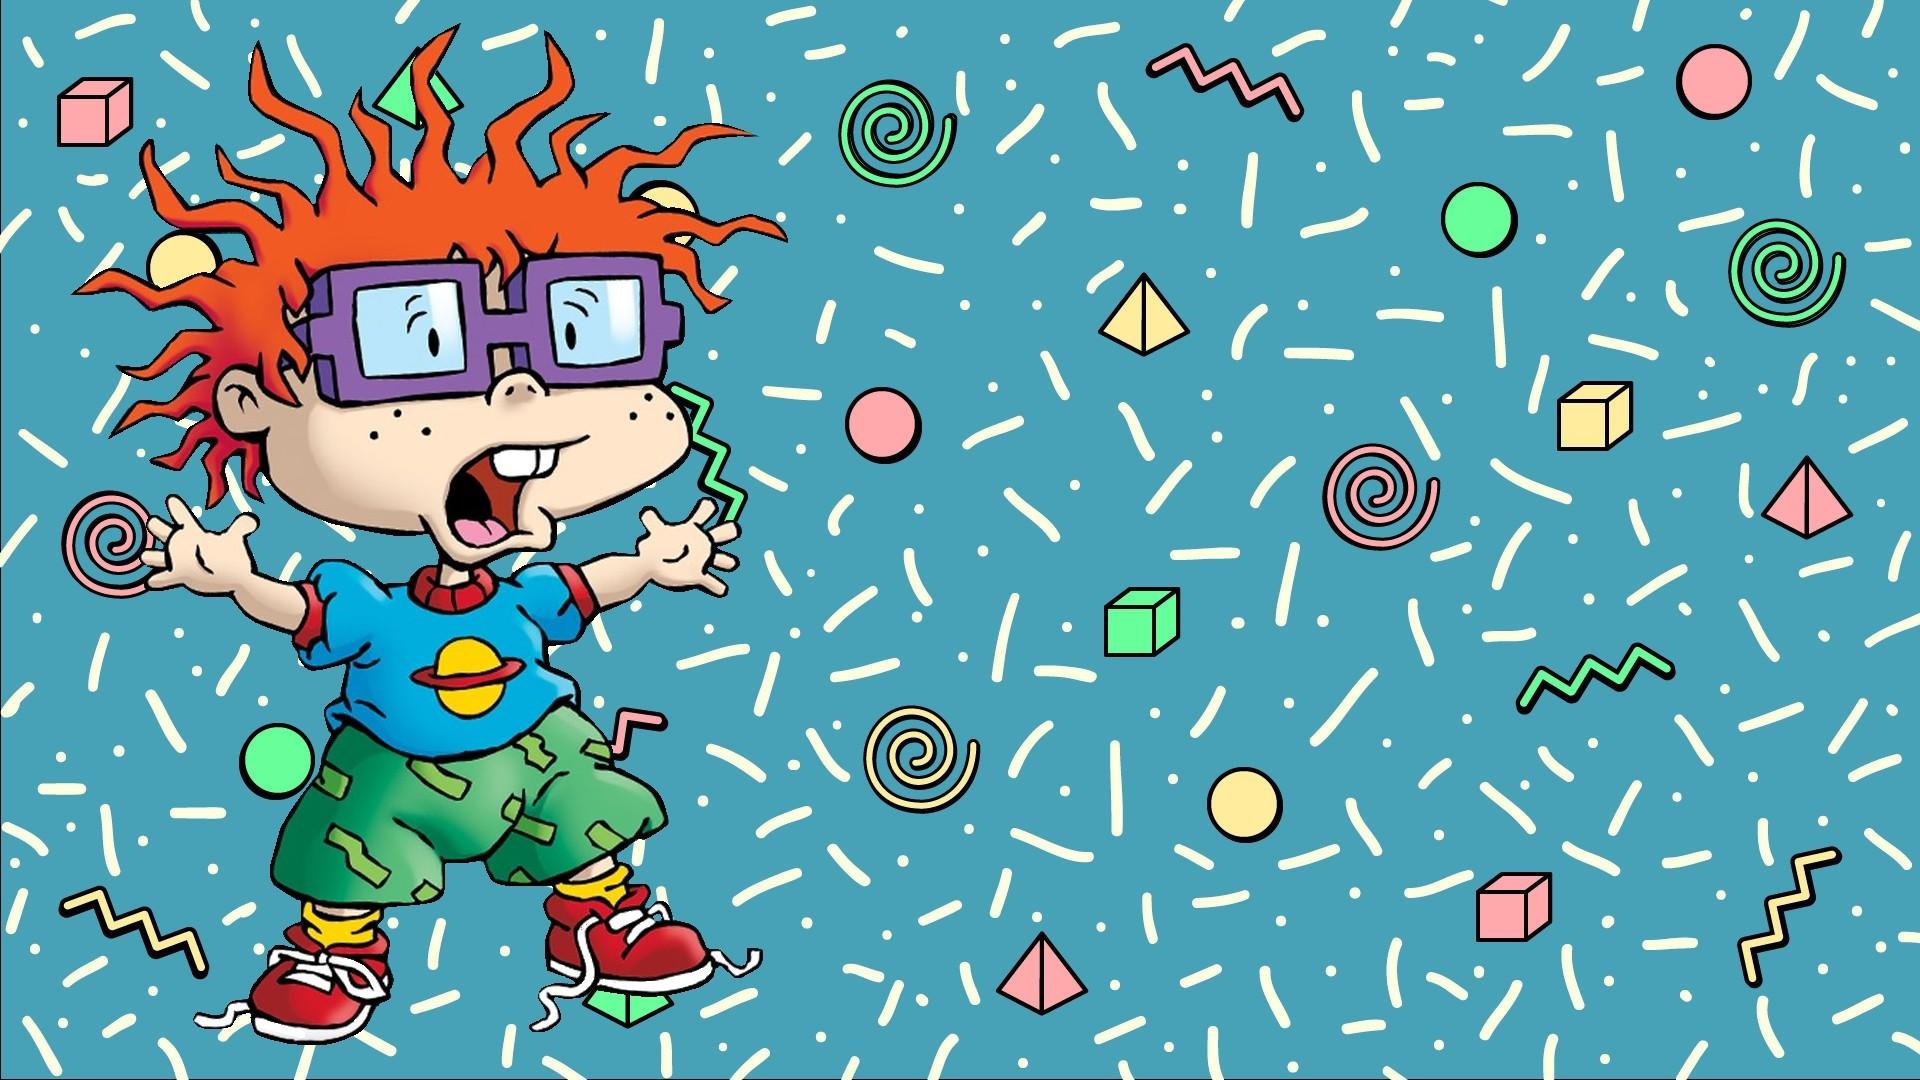 Rugrats Wallpaper image hd